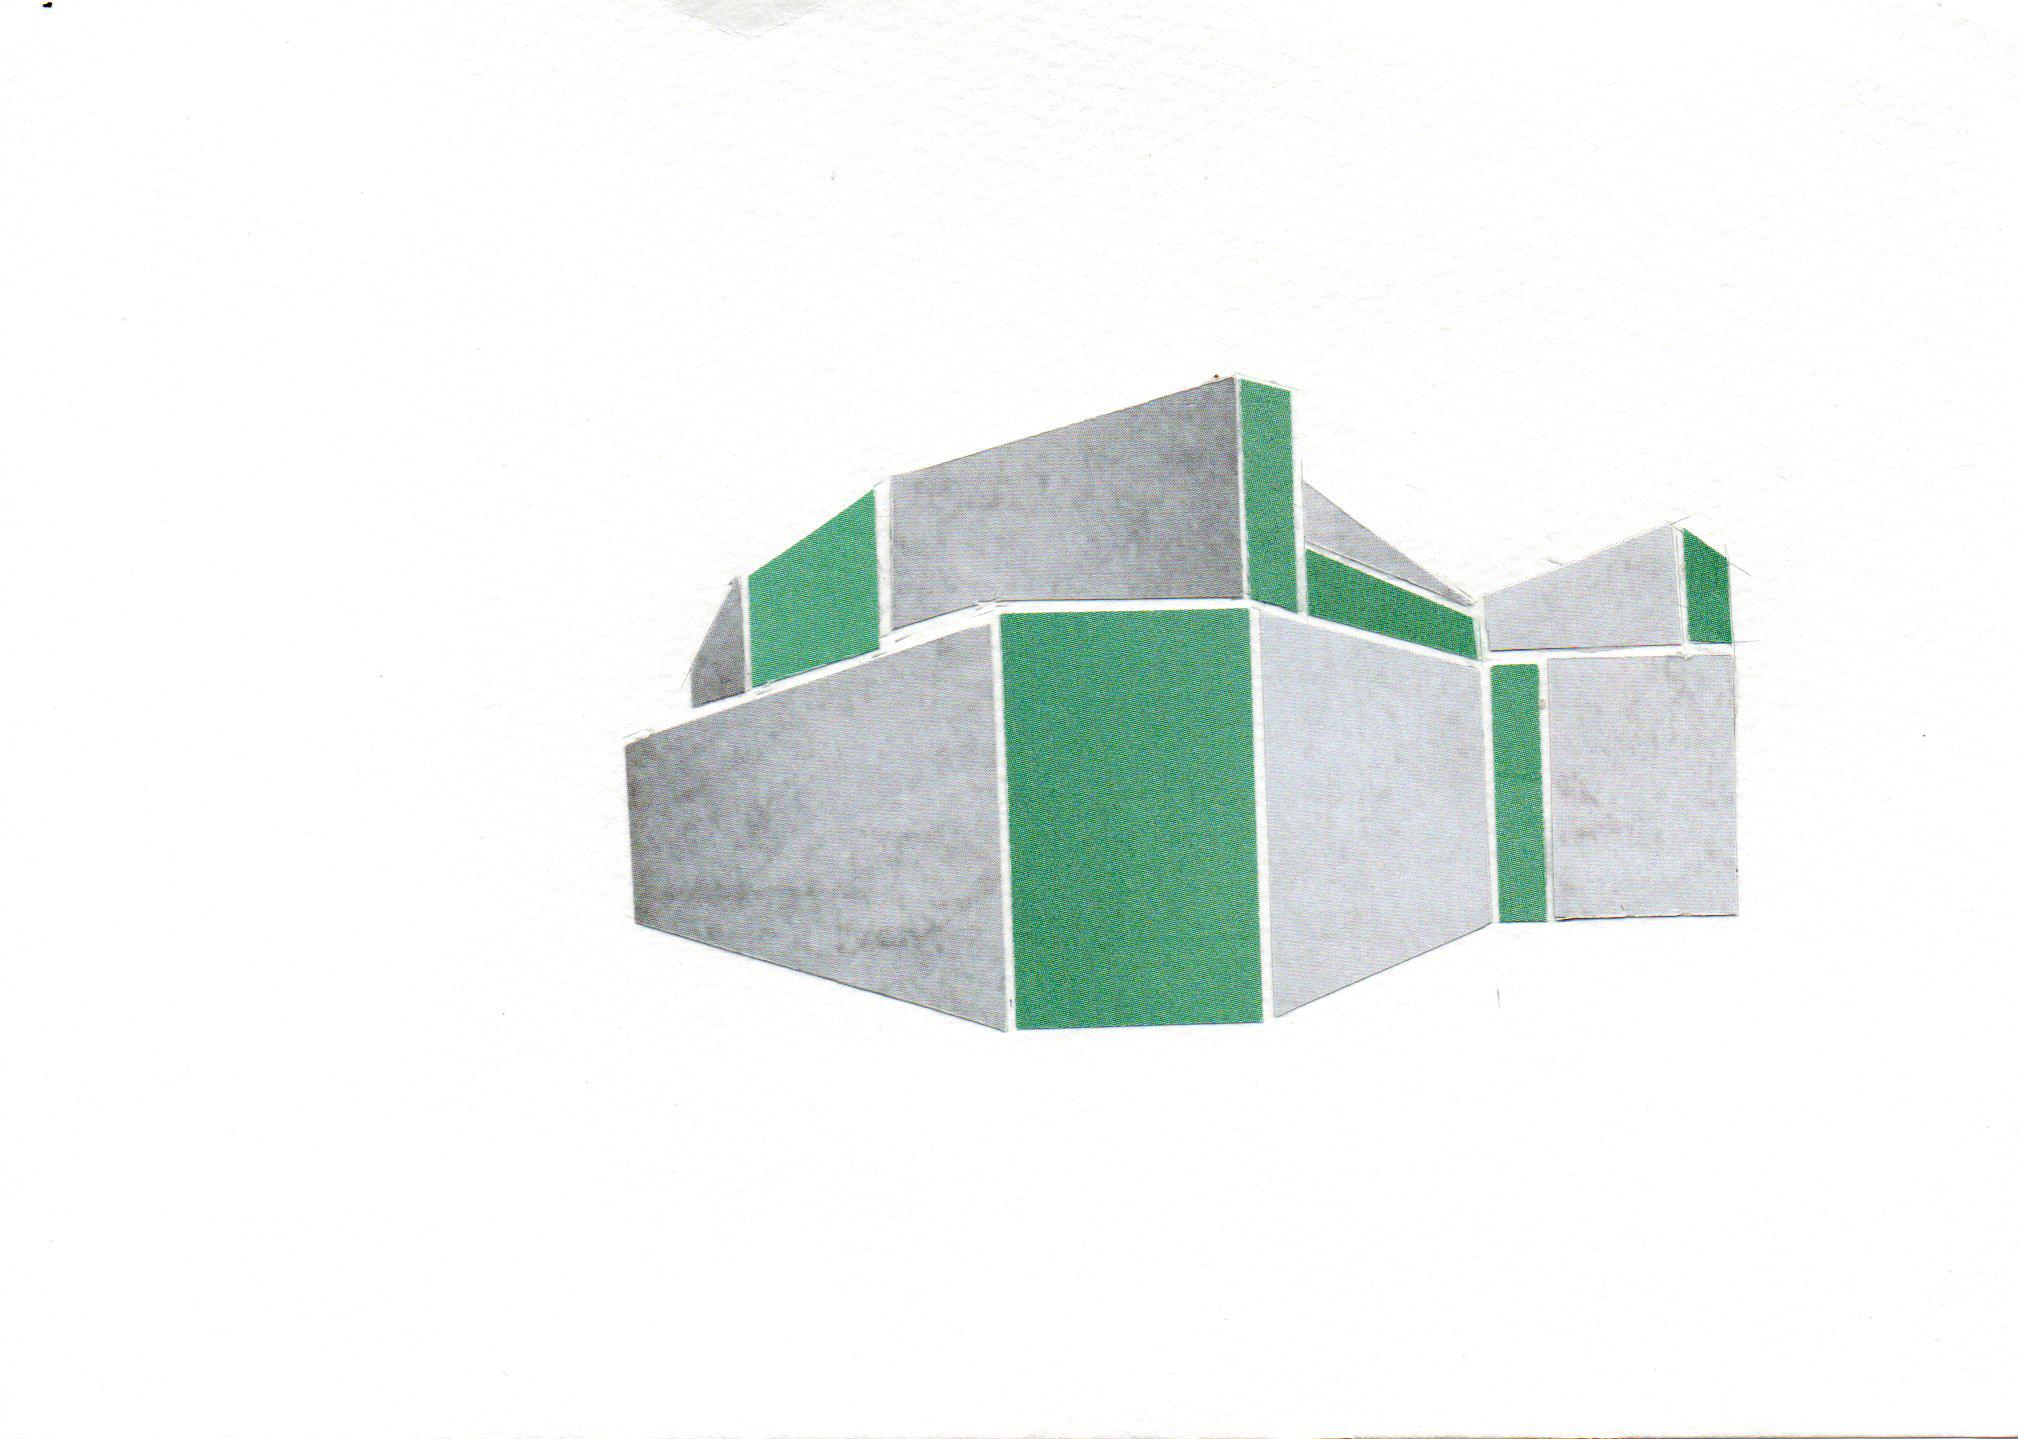 gestos-conceptuales26.jpg